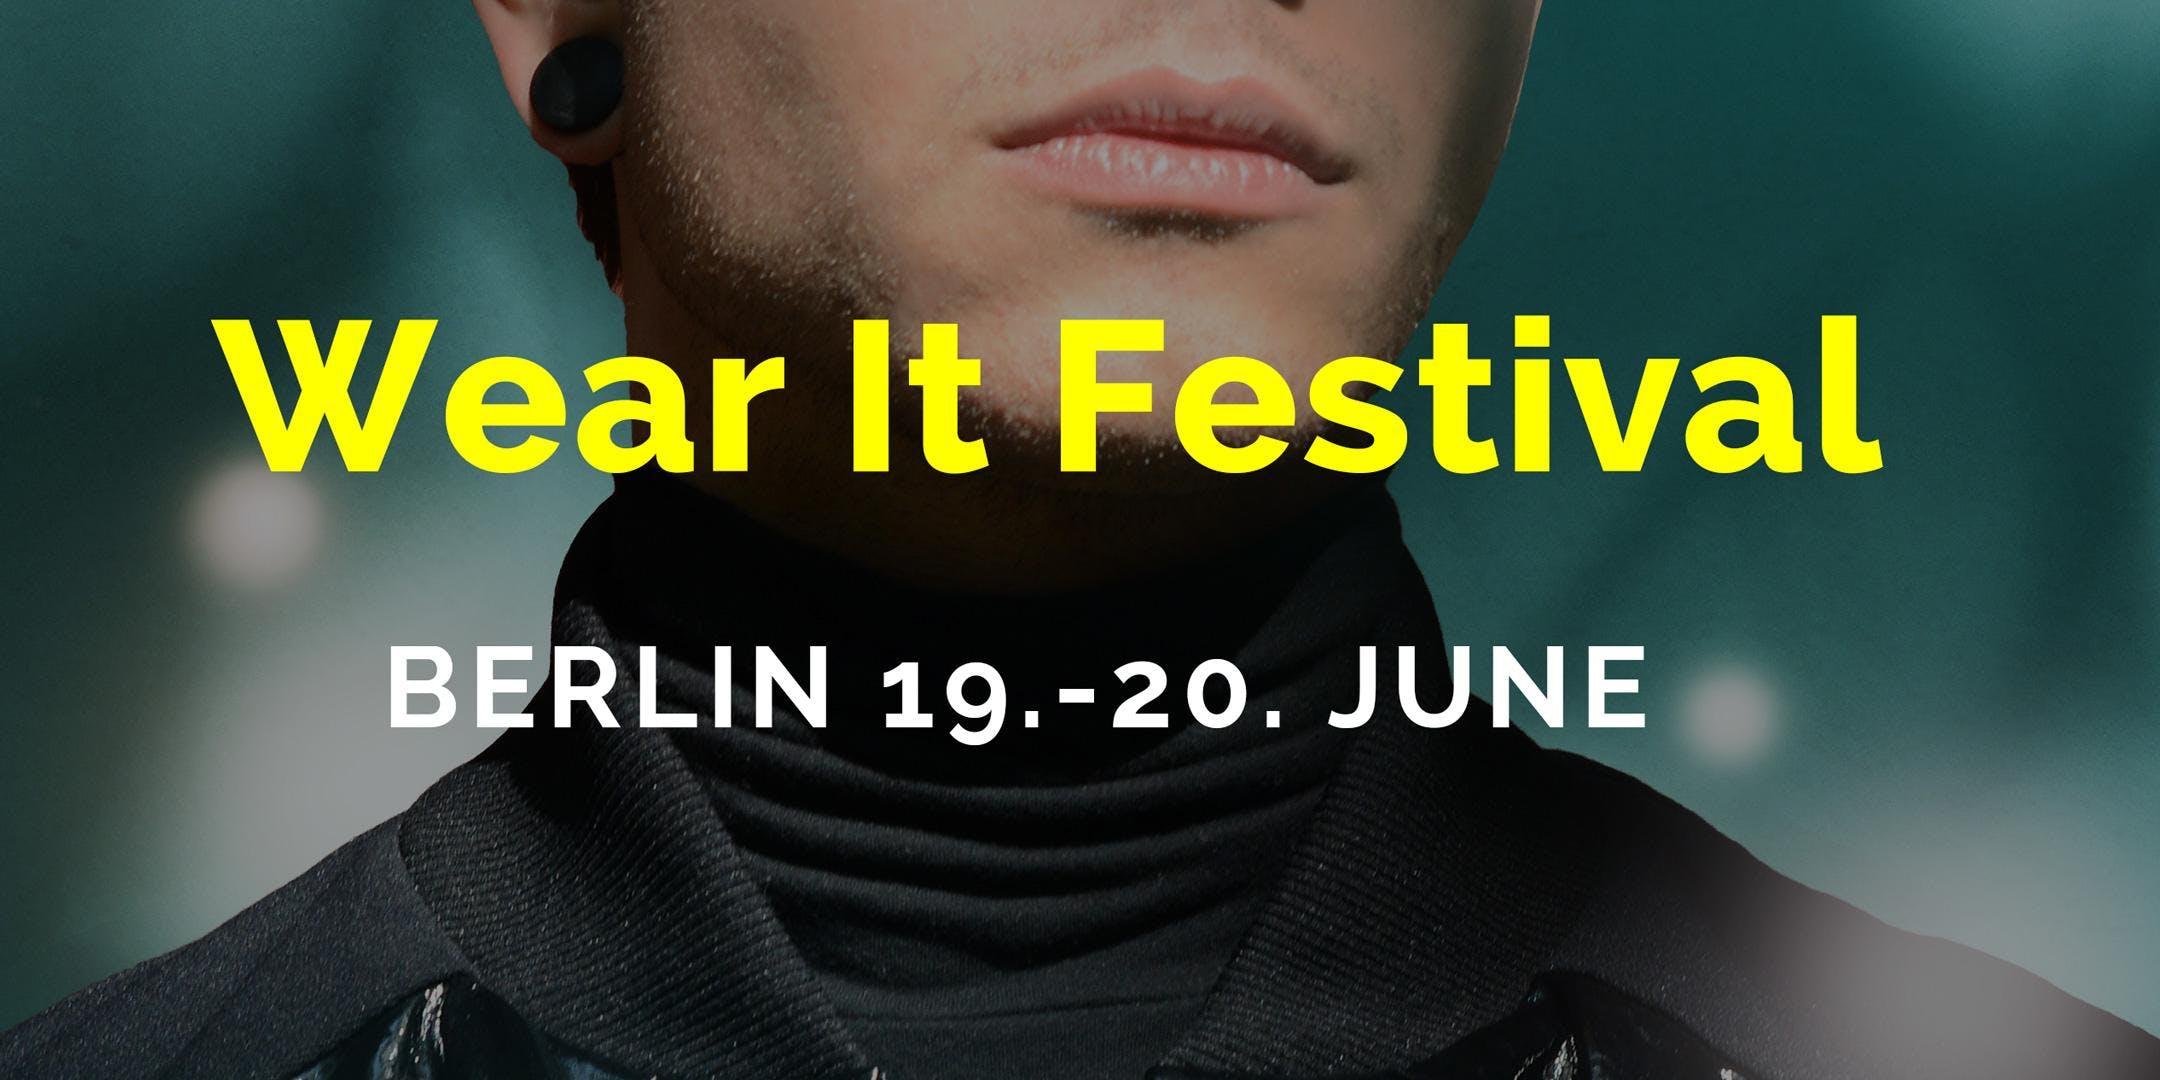 Wear It Festival 2018